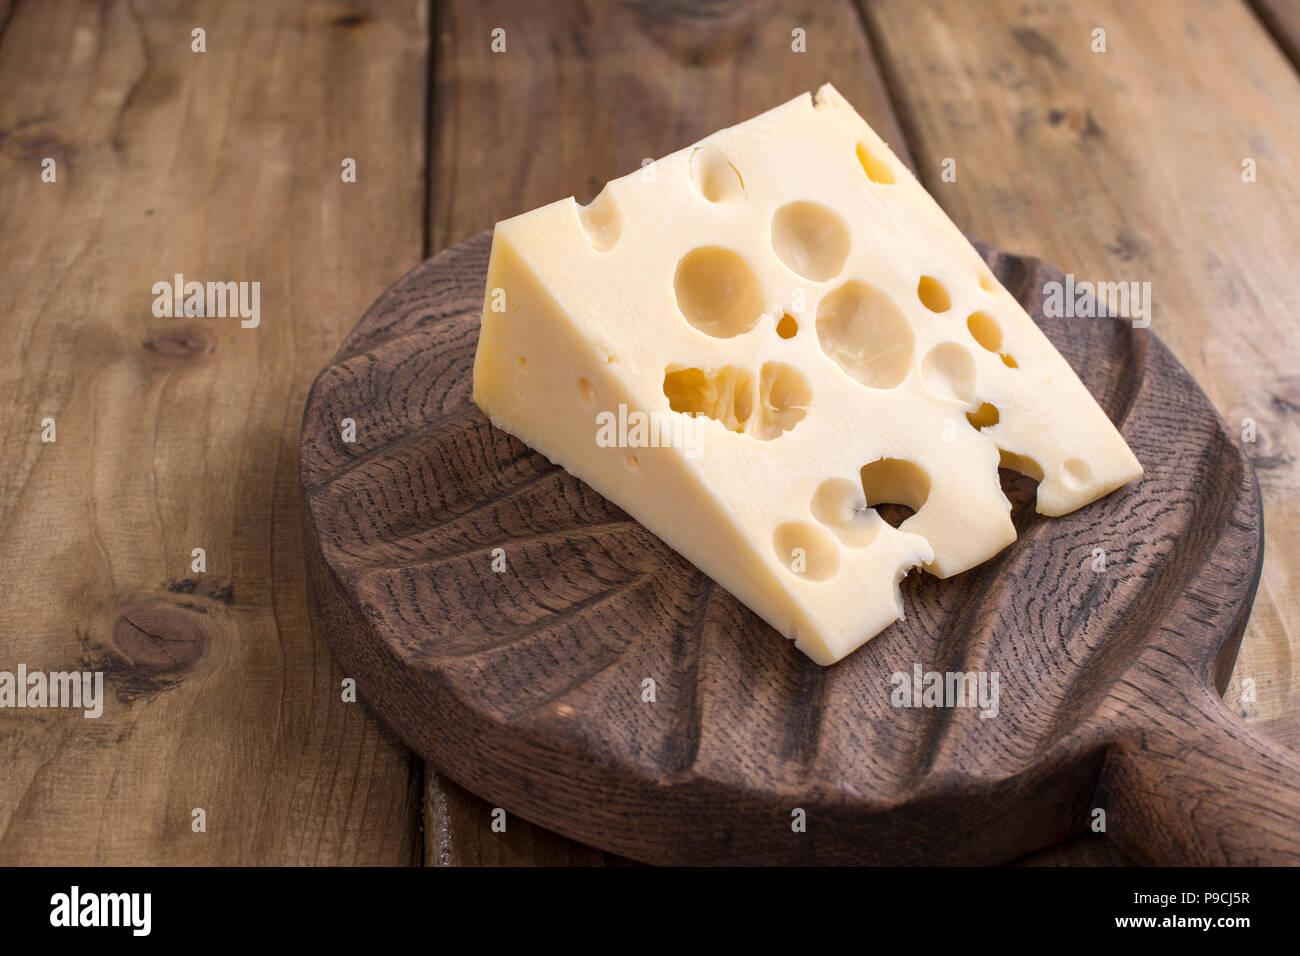 Fromage avec des trous sur une vieille planche en bois. Vintage photo. Les produits laitiers. Espace libre pour le texte. Copy space Photo Stock